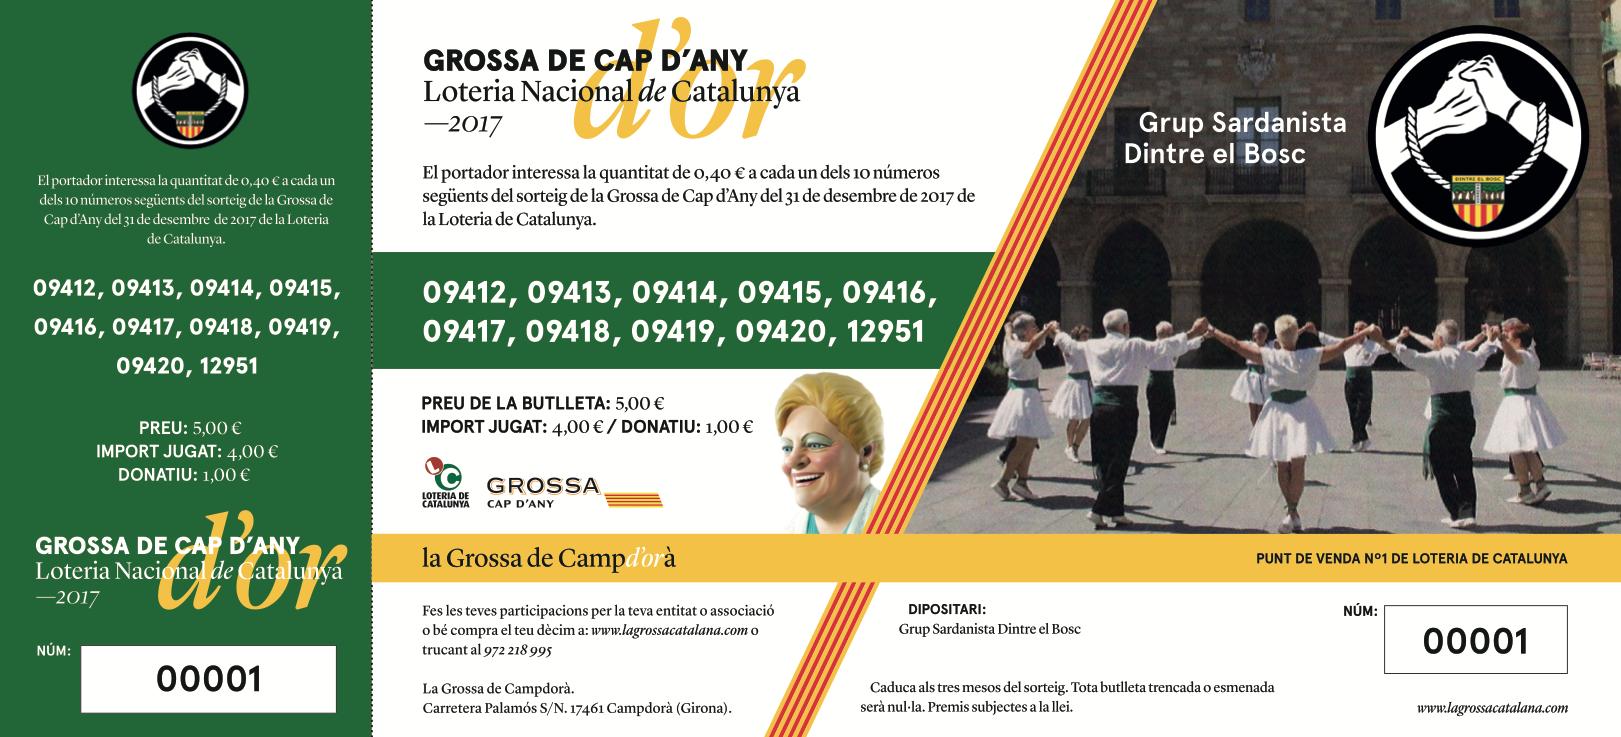 Participacions de SARDANISTA DINTRE EL BOSC